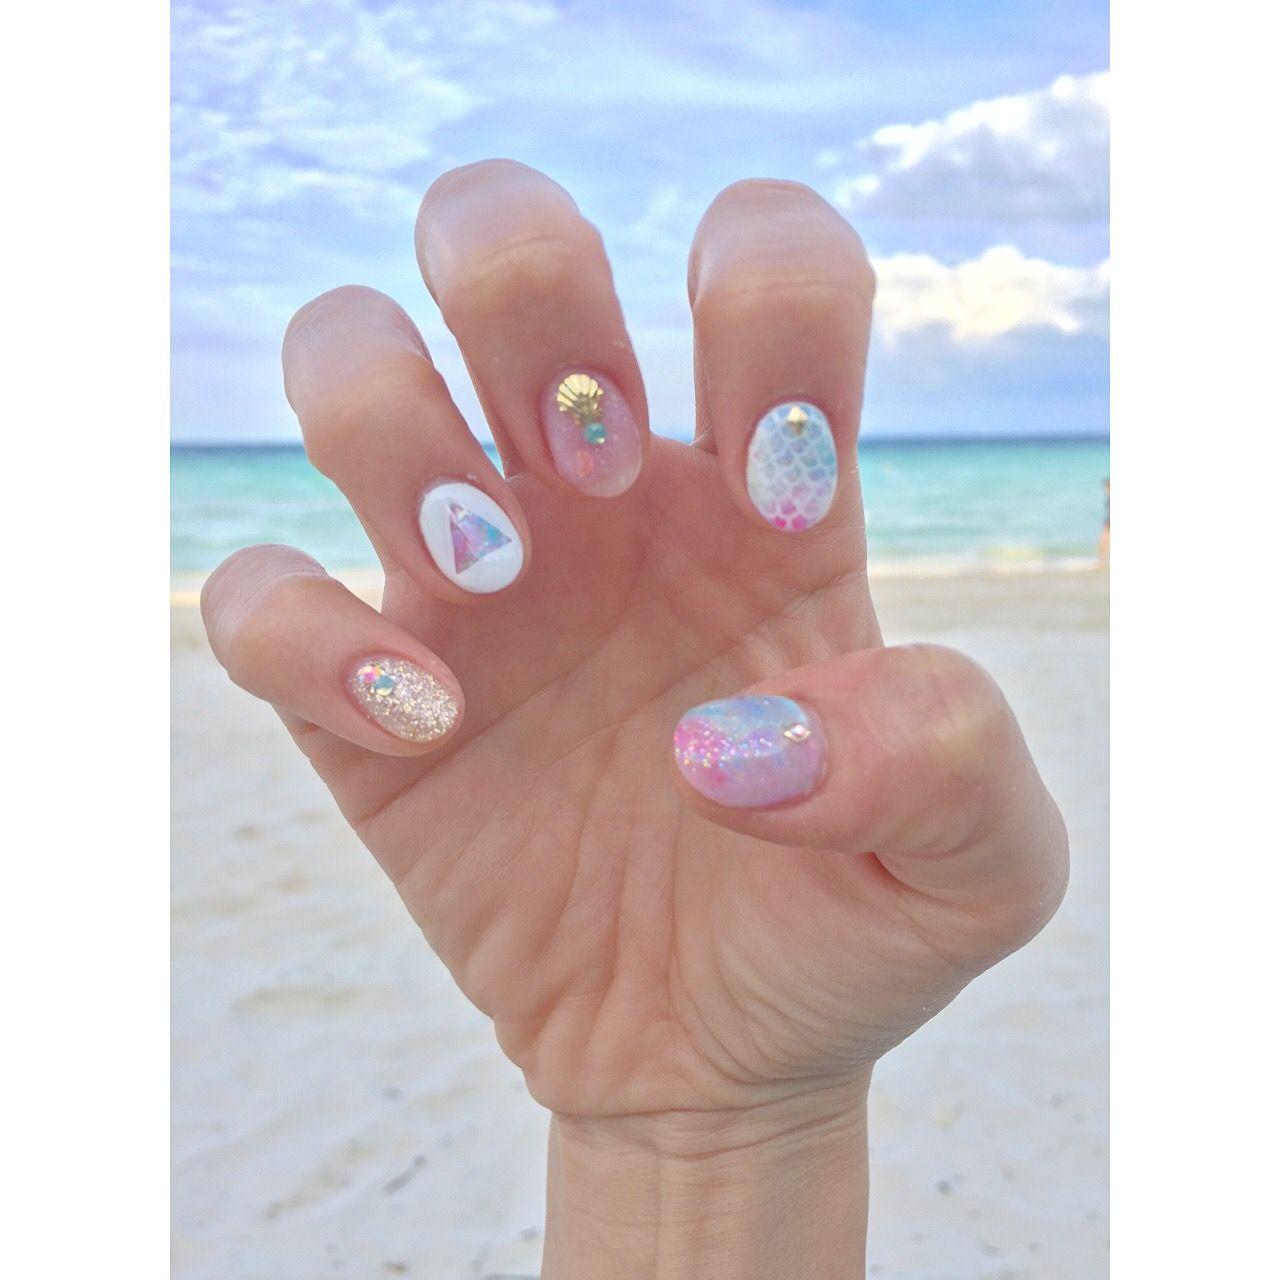 Tropical beach gel design - mermaid nails, white triangle, gold ...